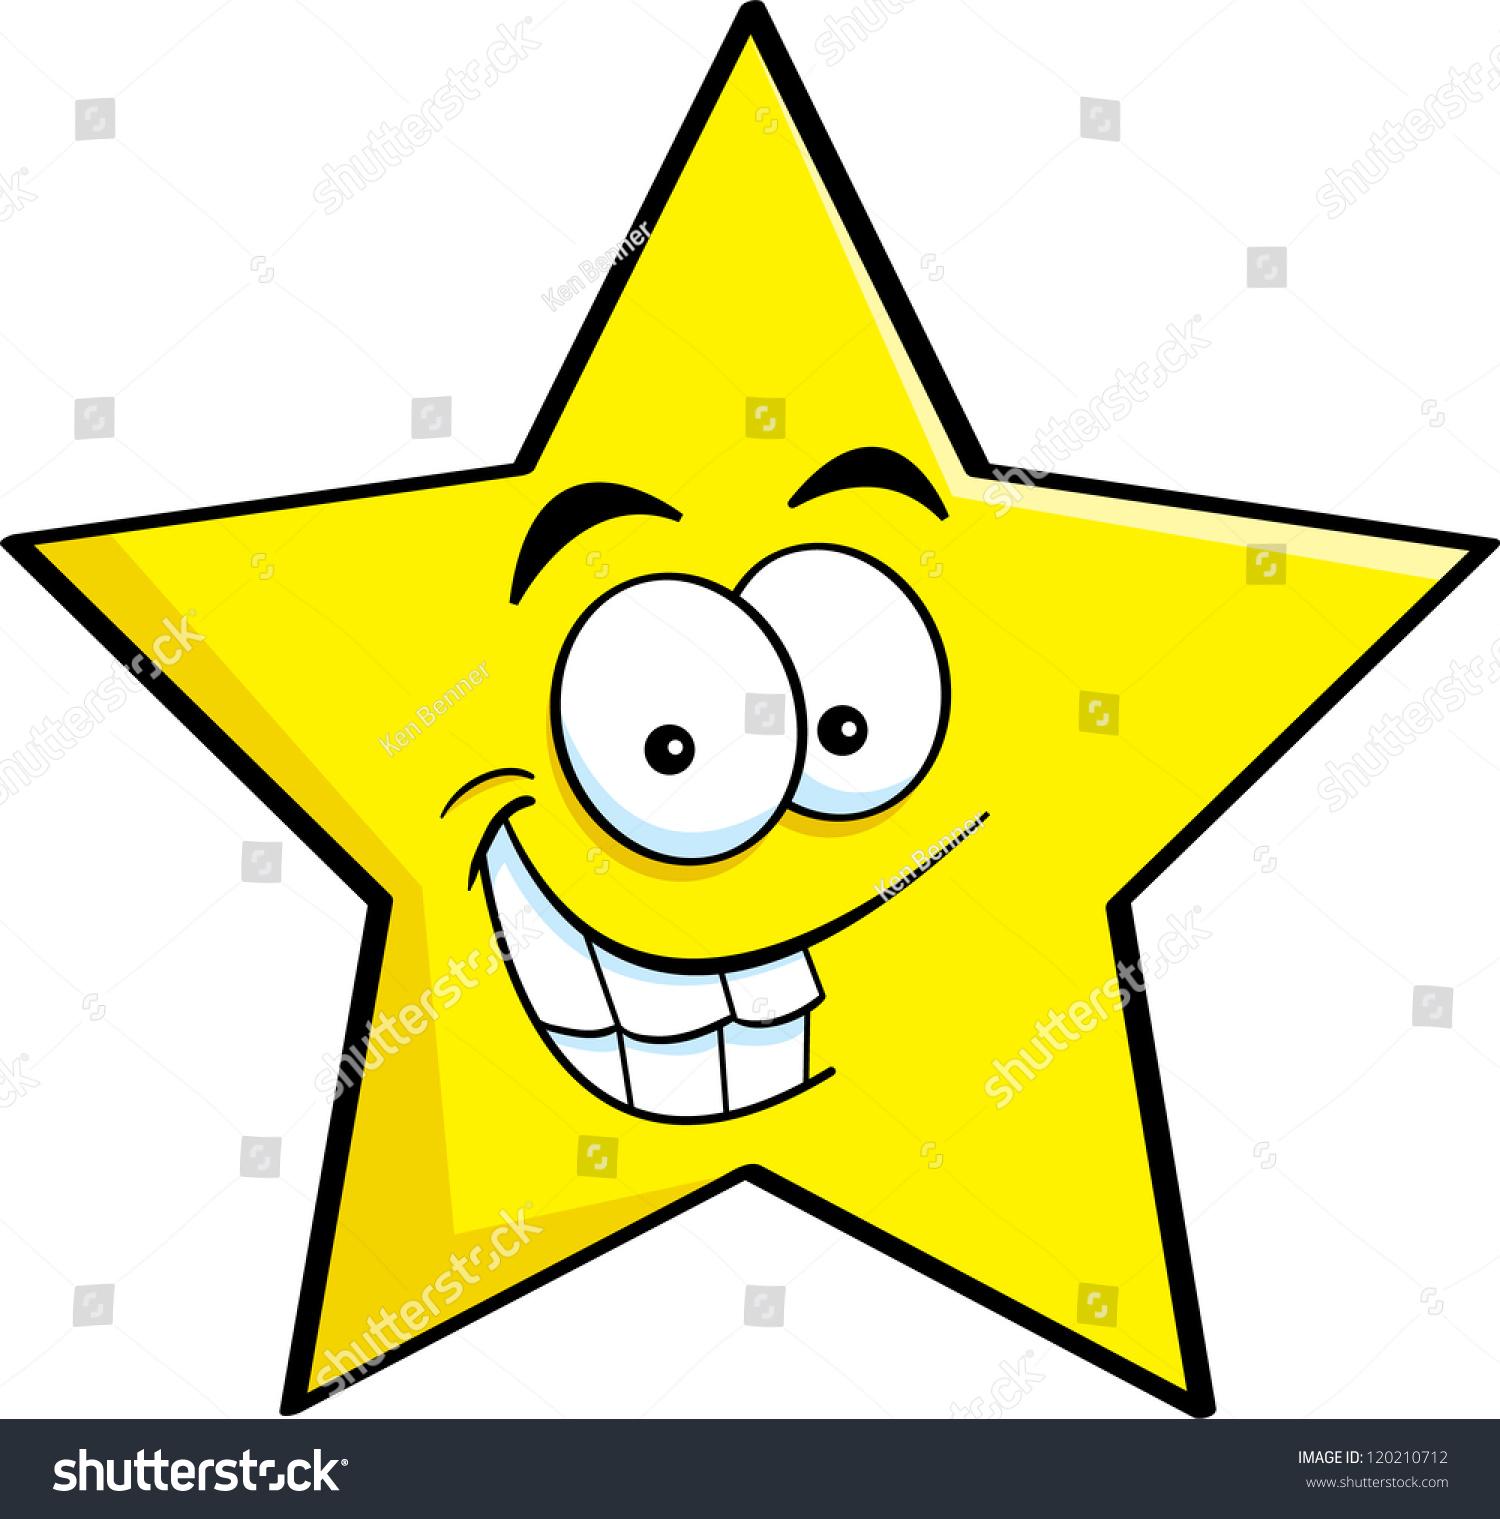 微笑之星的卡通插图.-物体,其它-海洛创意(hellorf)-.